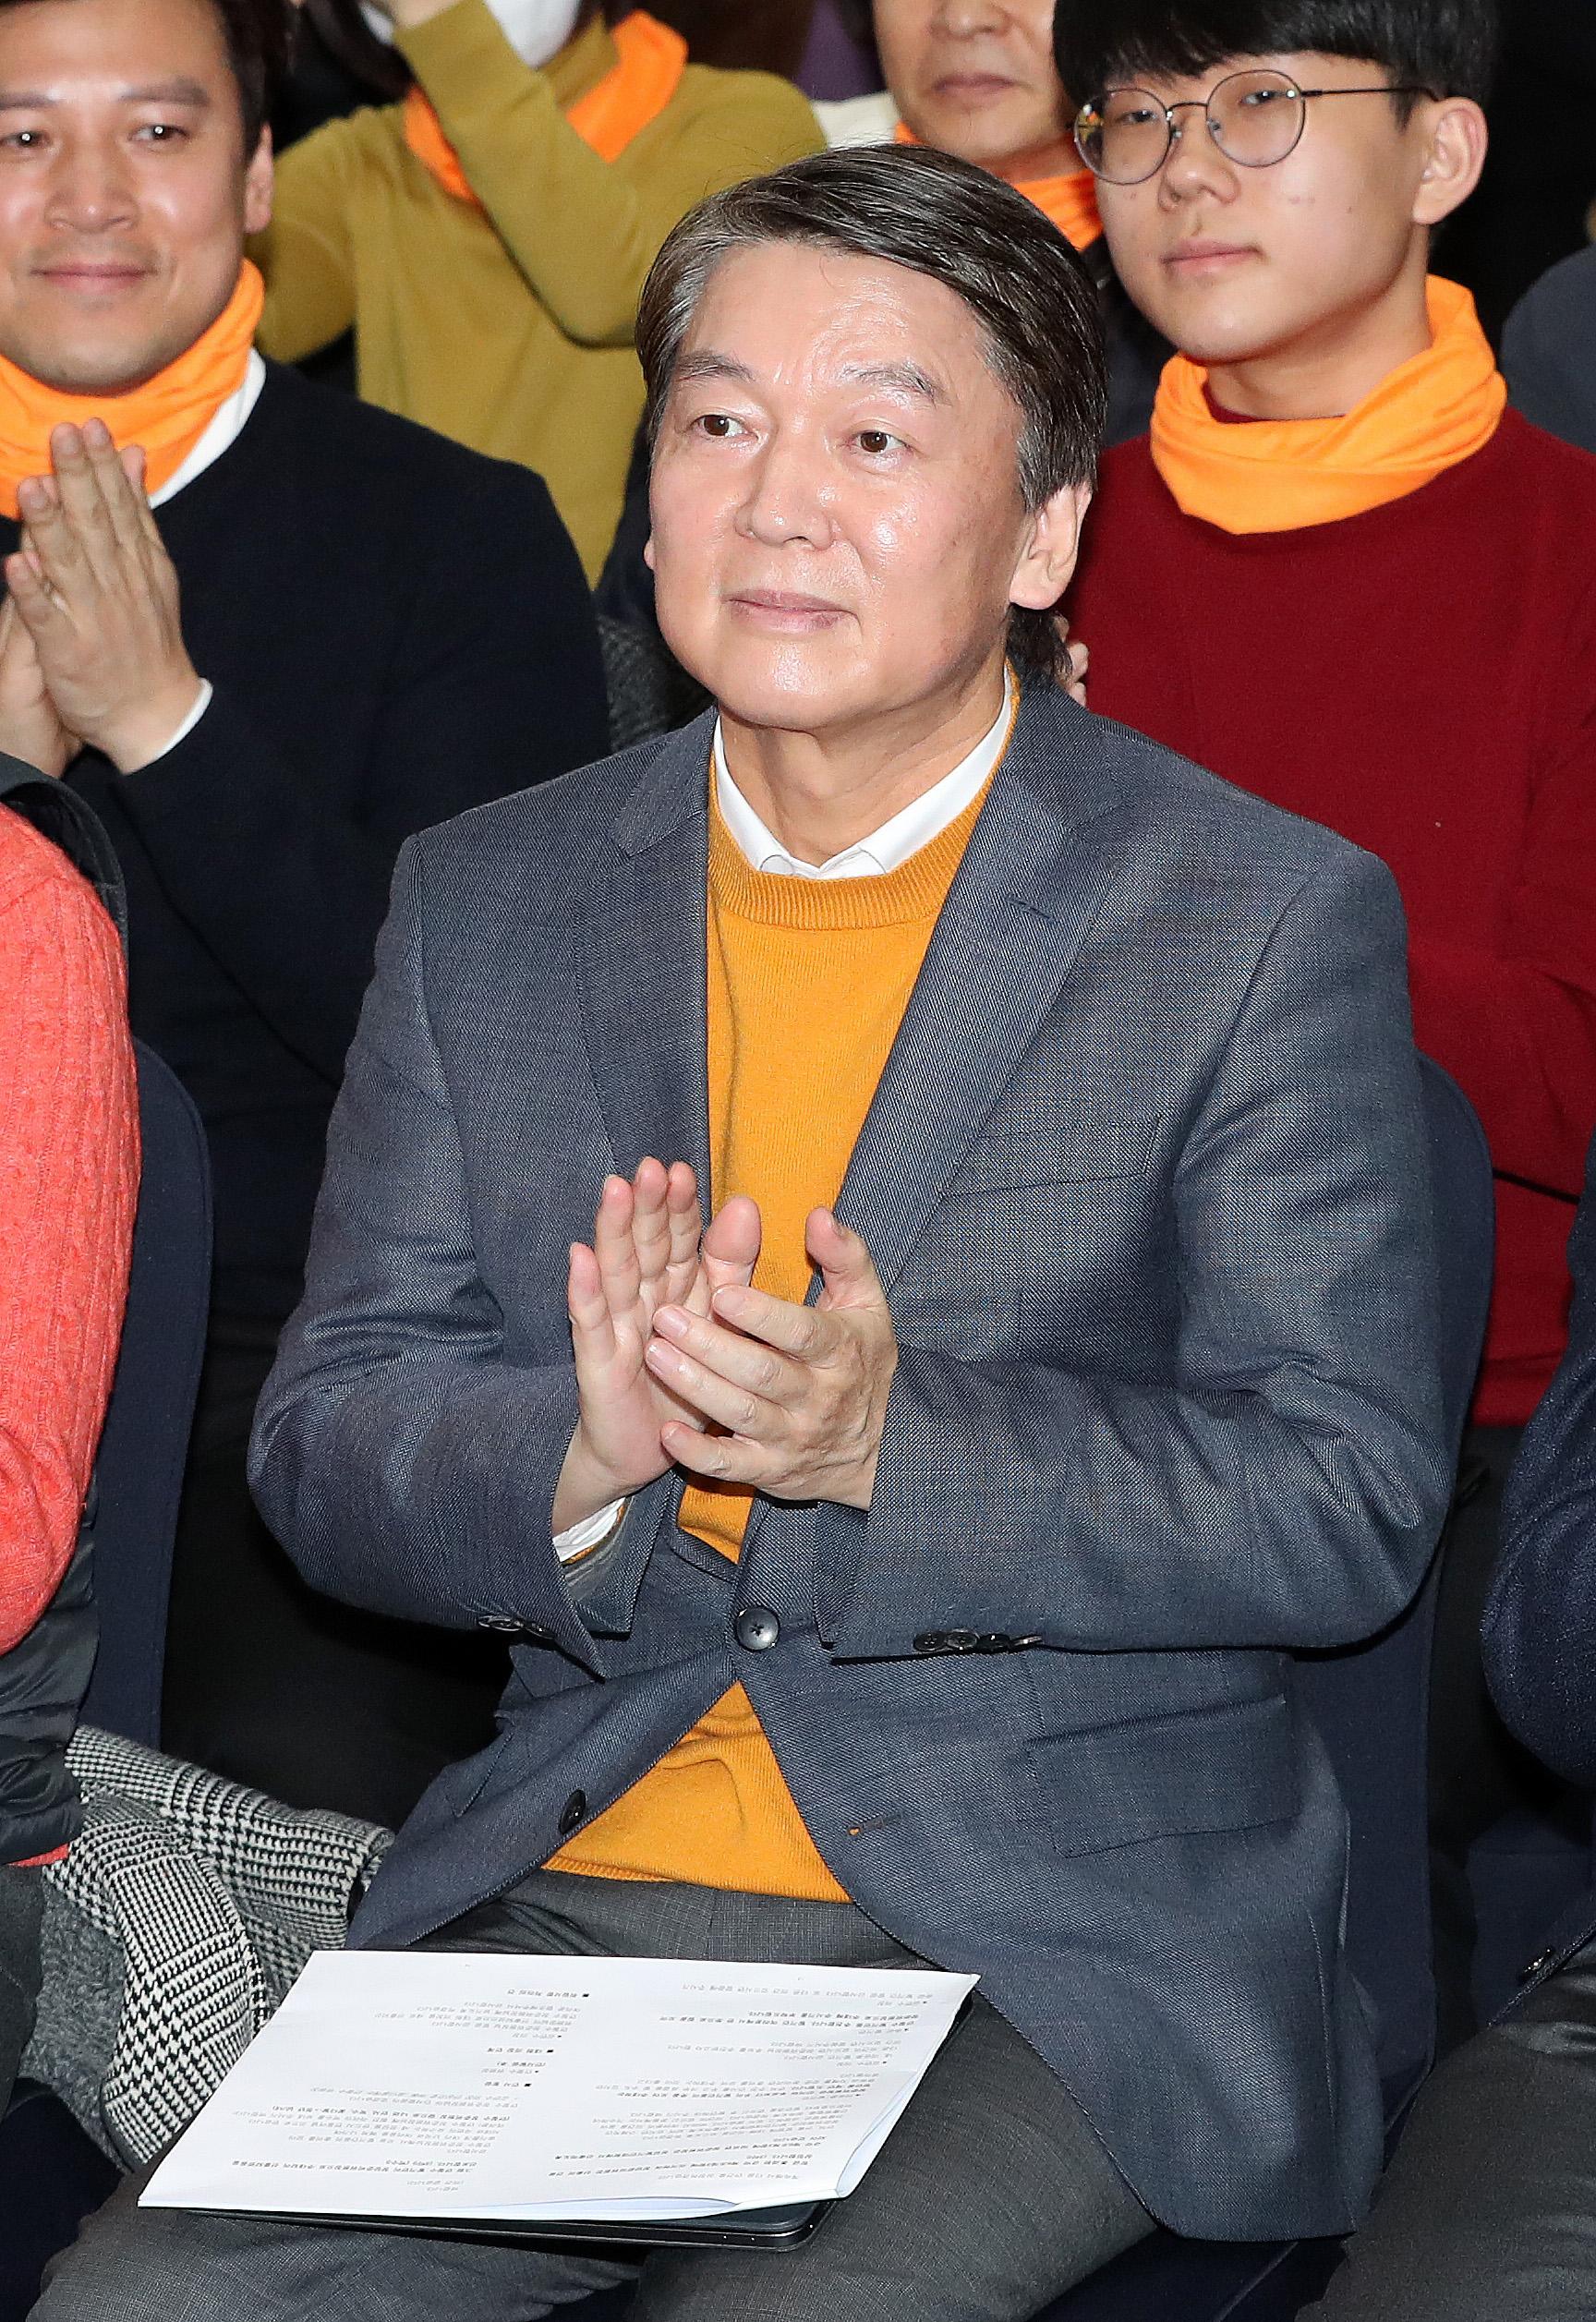 안철수 국민당 창당준비위원장이 9일 오후 서울 영등포구 하이서울유스호스텔에서 열린 국민당 창당 발기인대회에서 창당준비위원장에 선출되며 박수를 치고 있다. [뉴스1]